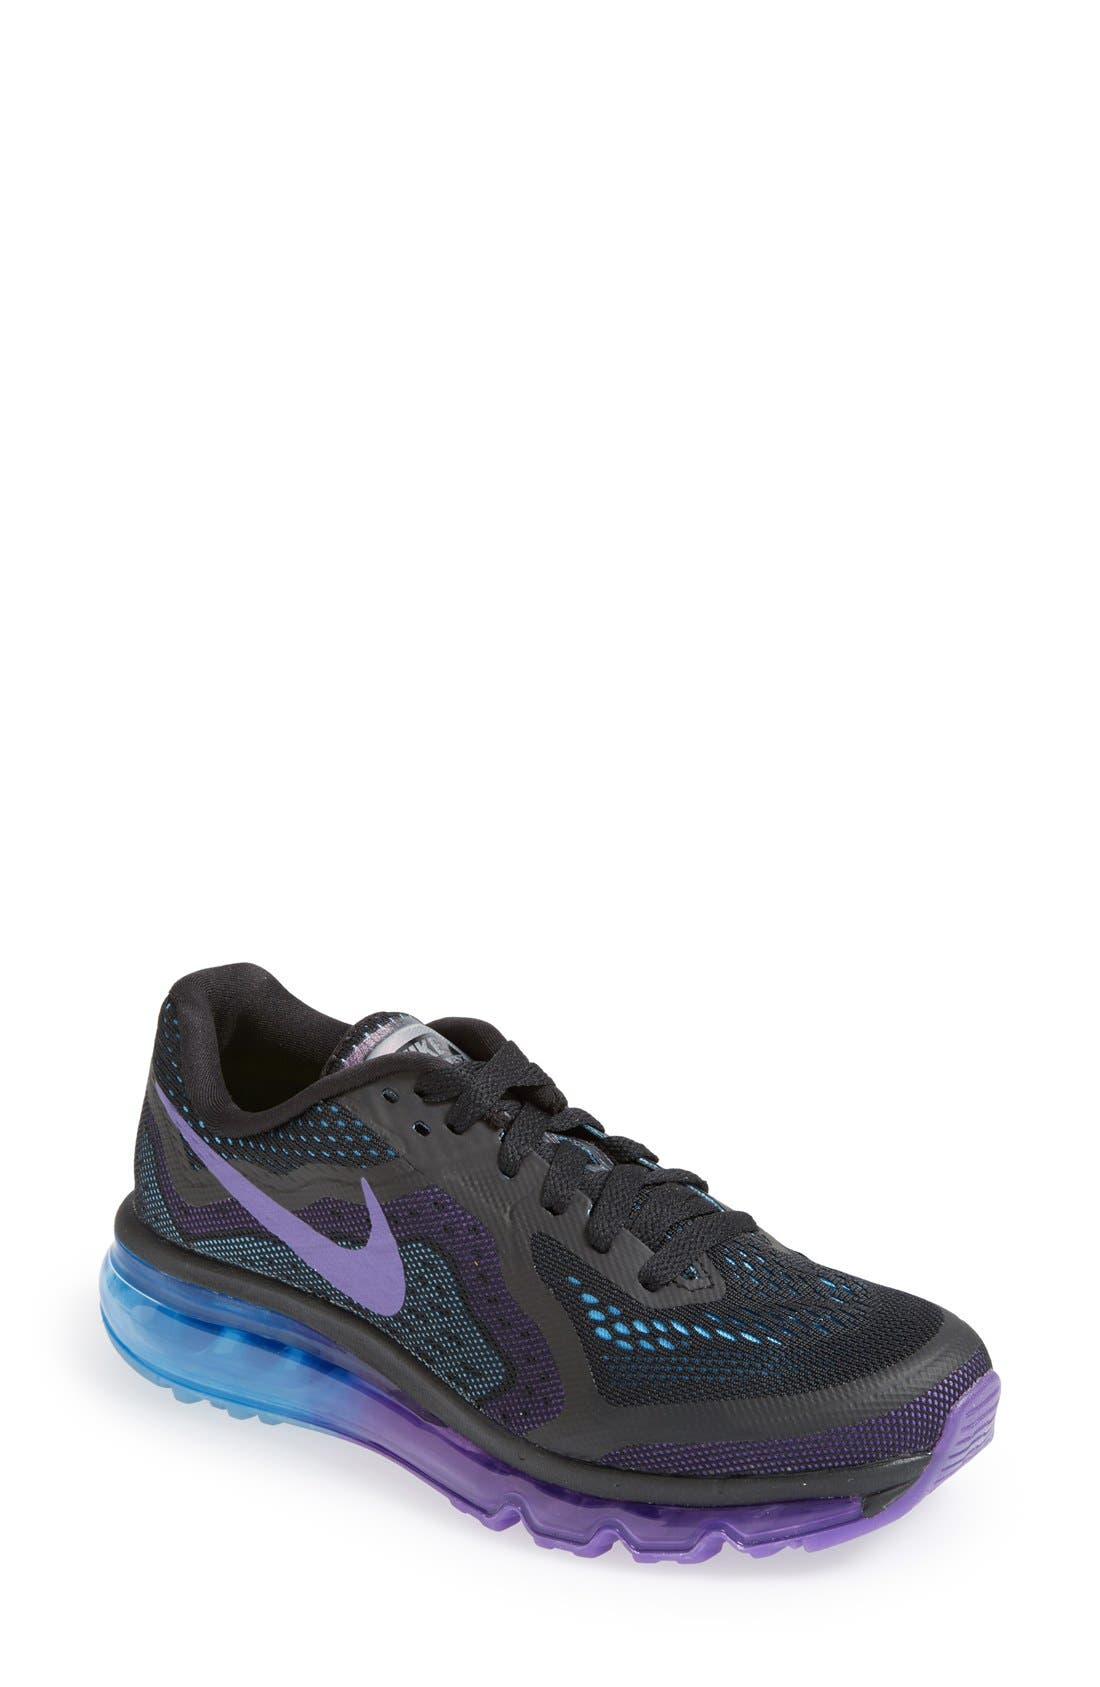 NIKE, 'Air Max 2014' Running Shoe, Main thumbnail 1, color, 005